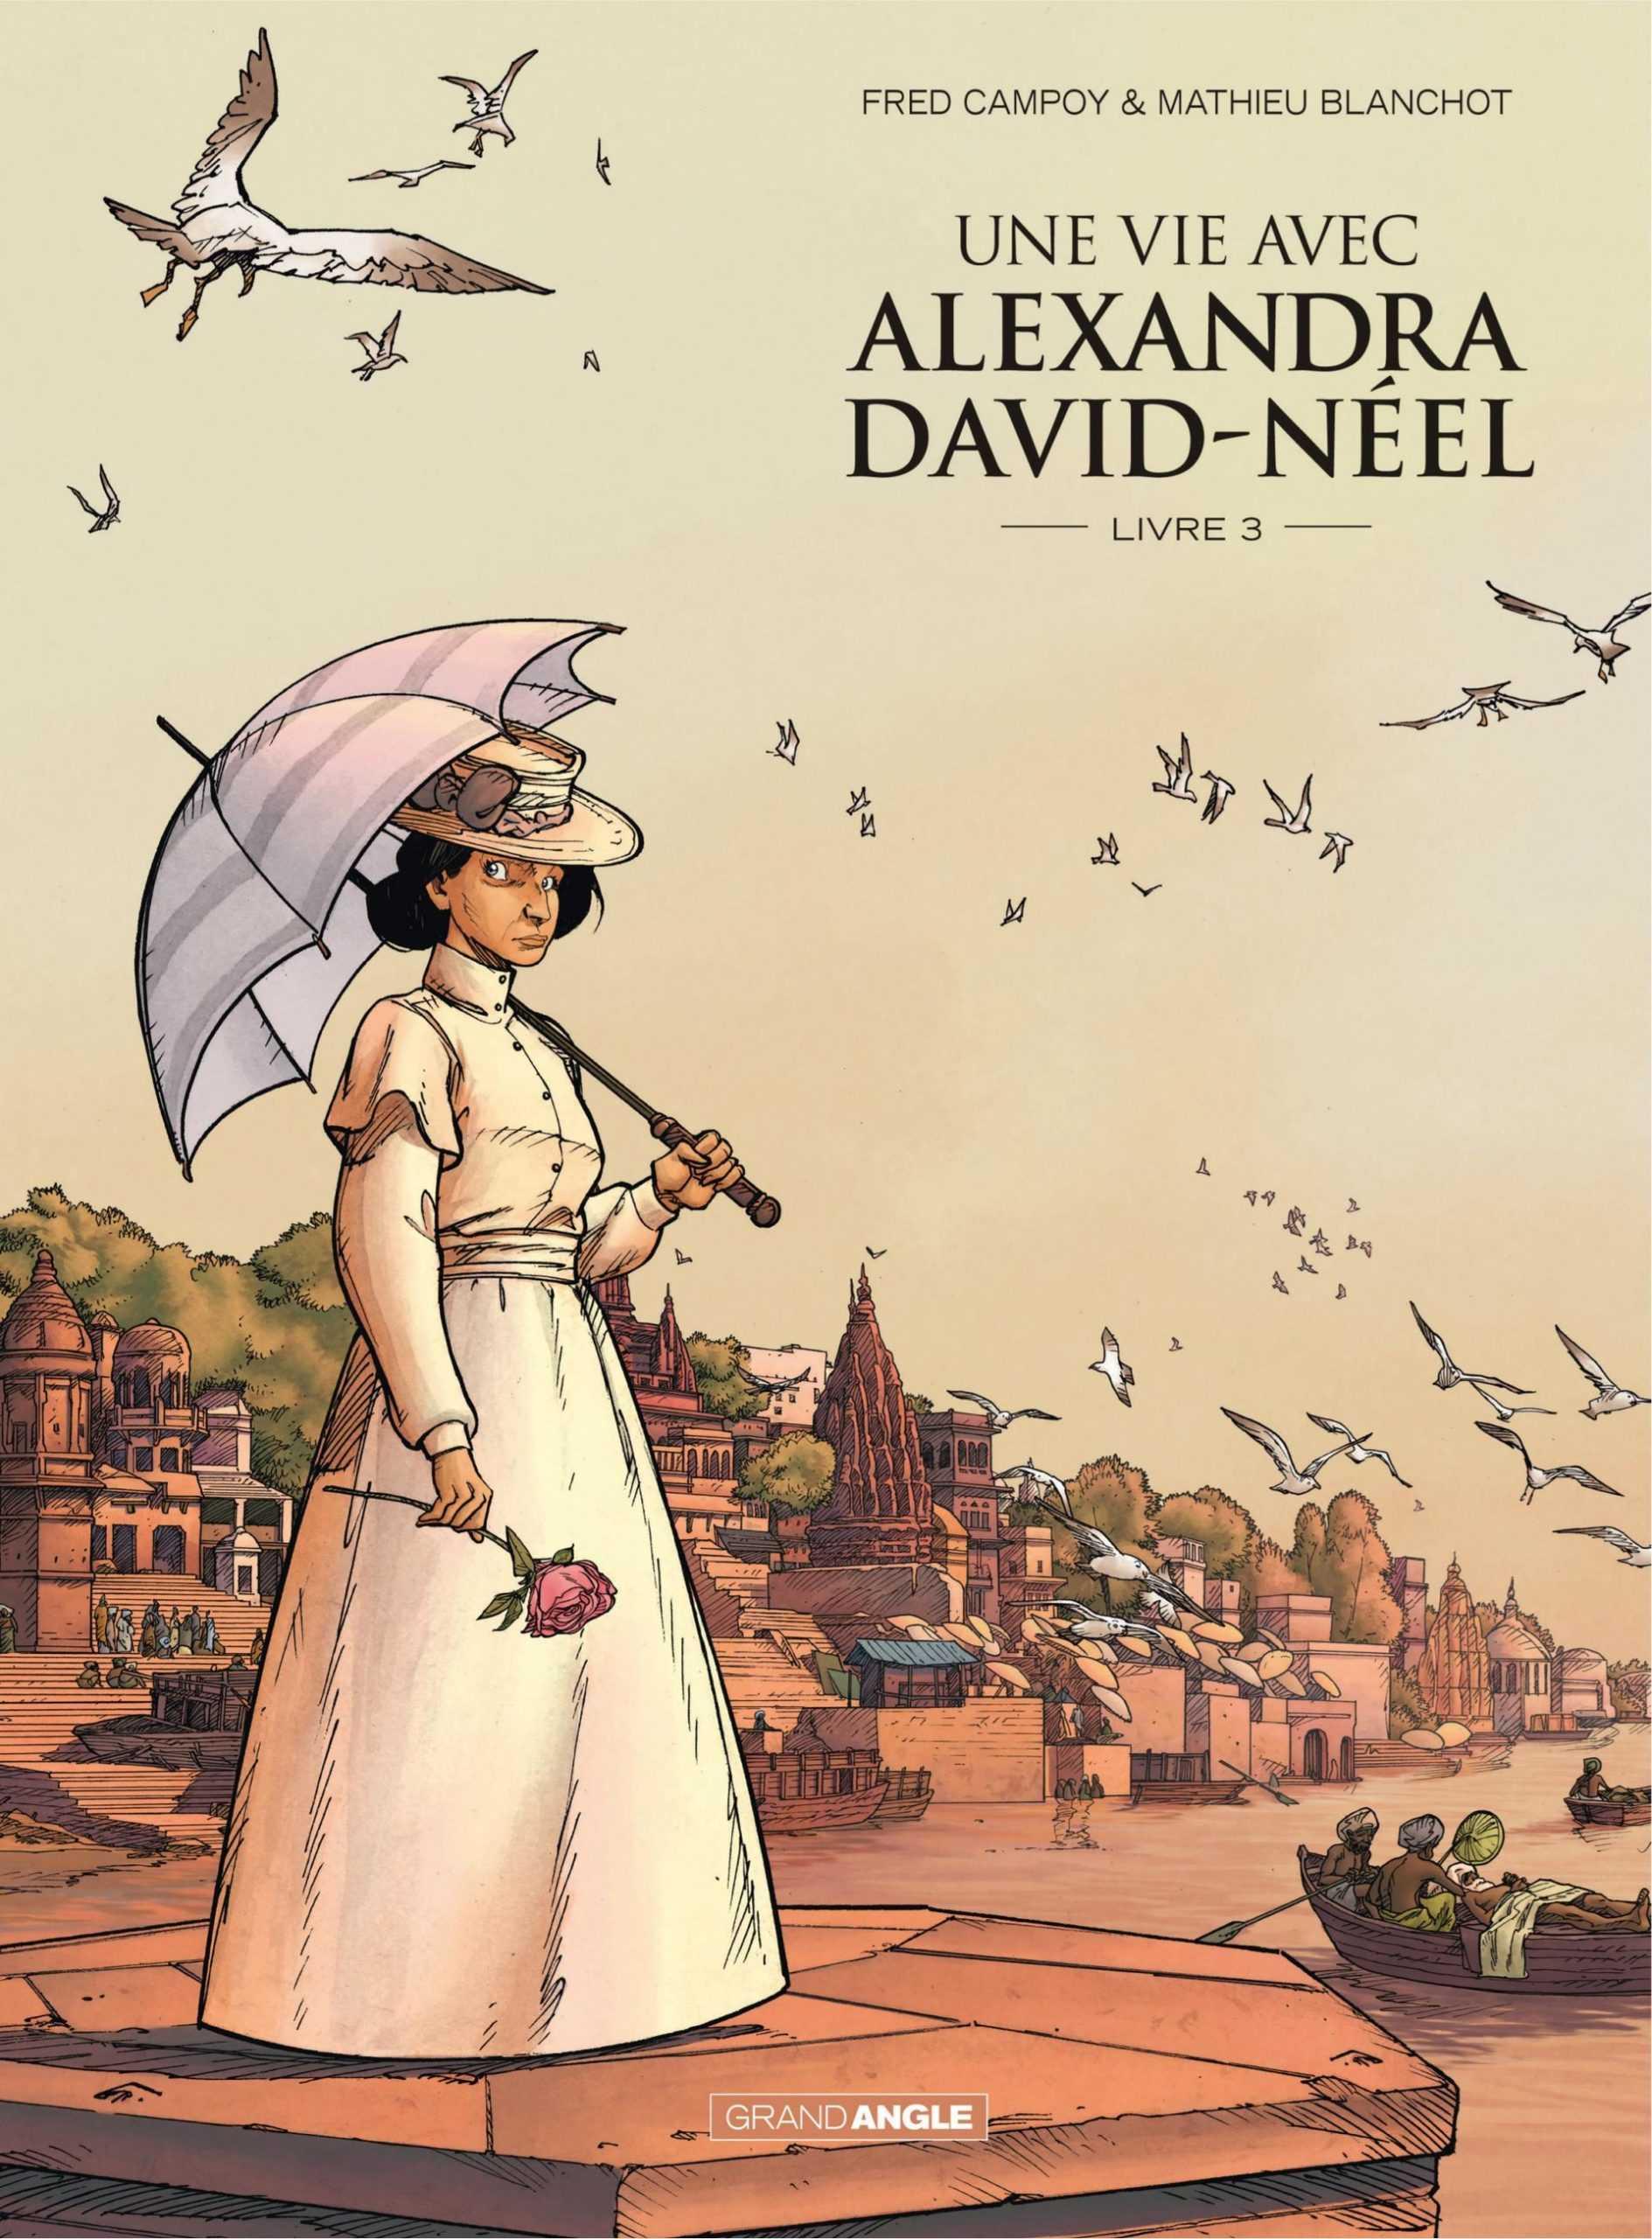 Une Vie avec Alexandra David-Néel, Livre 3, le dernier voyage